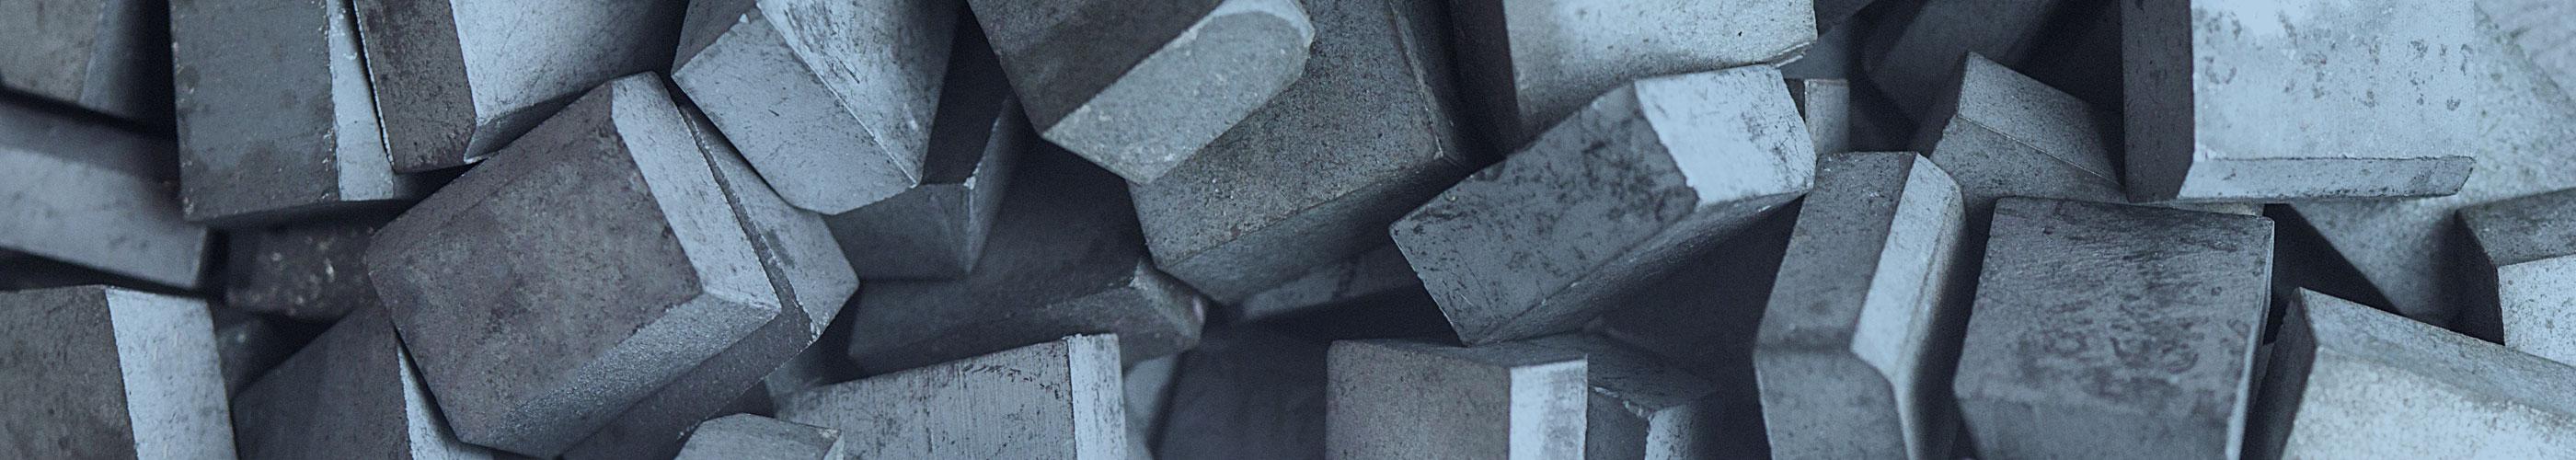 Tungsten Smelter List